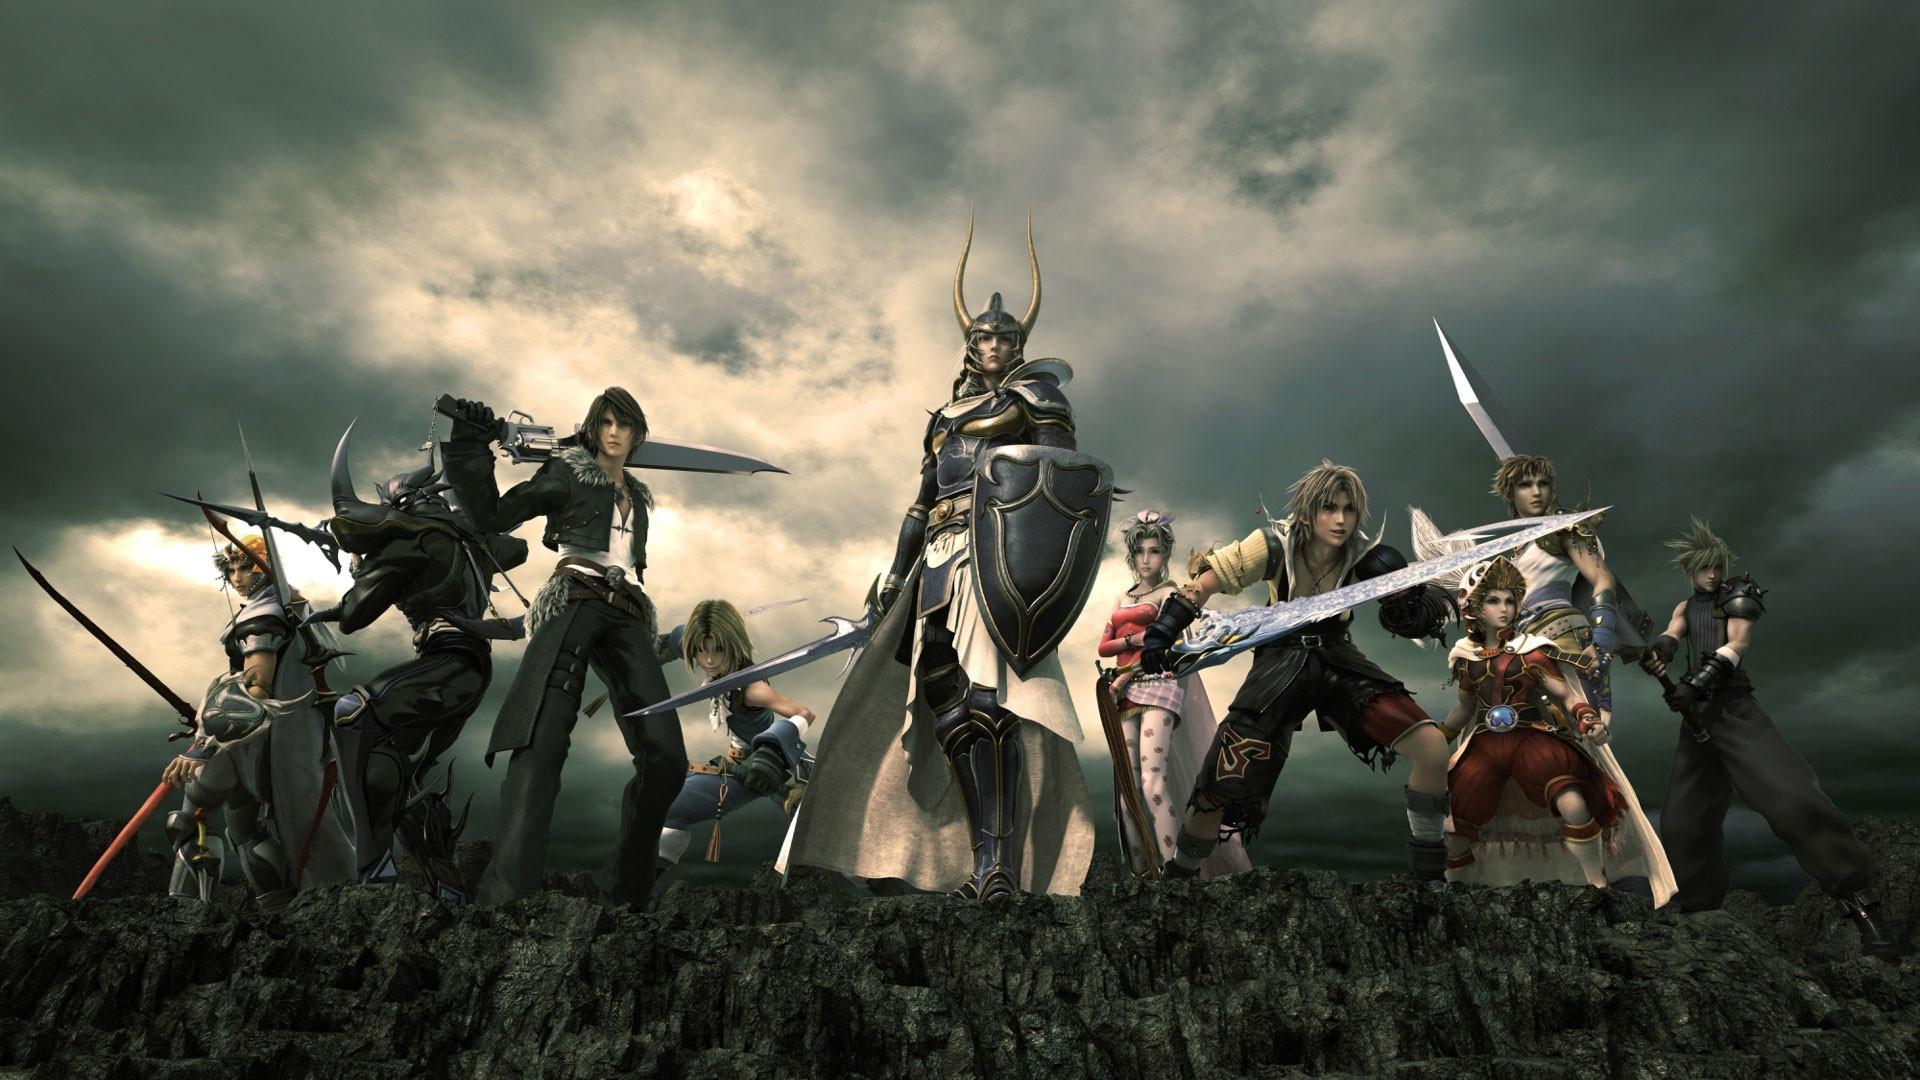 … Fantasy XV 1080p Wallpaper …